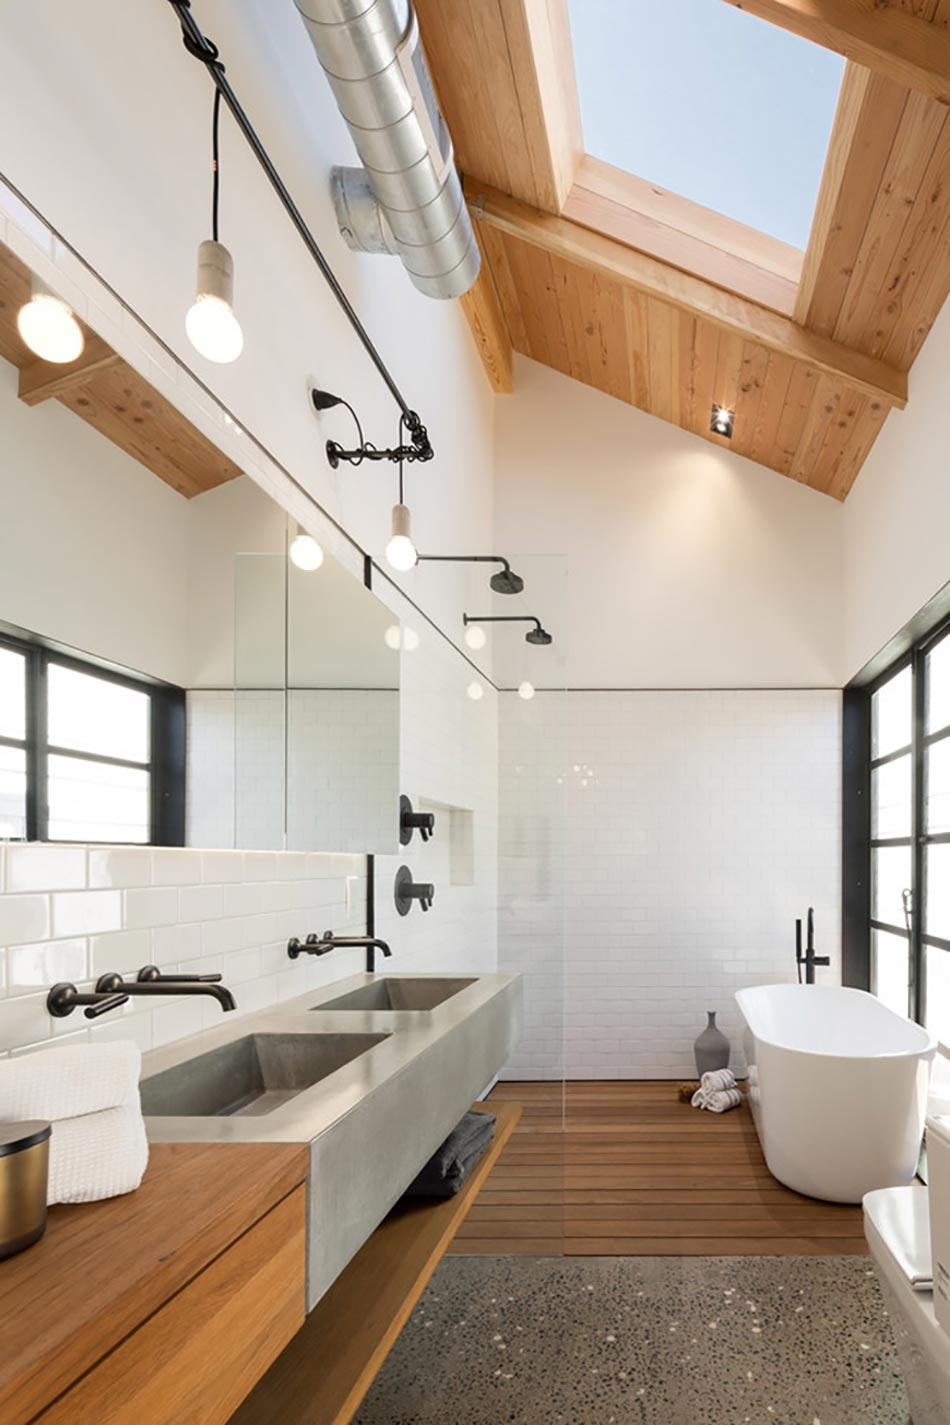 Créative et originale salle de bain au design industriel | Design Feria